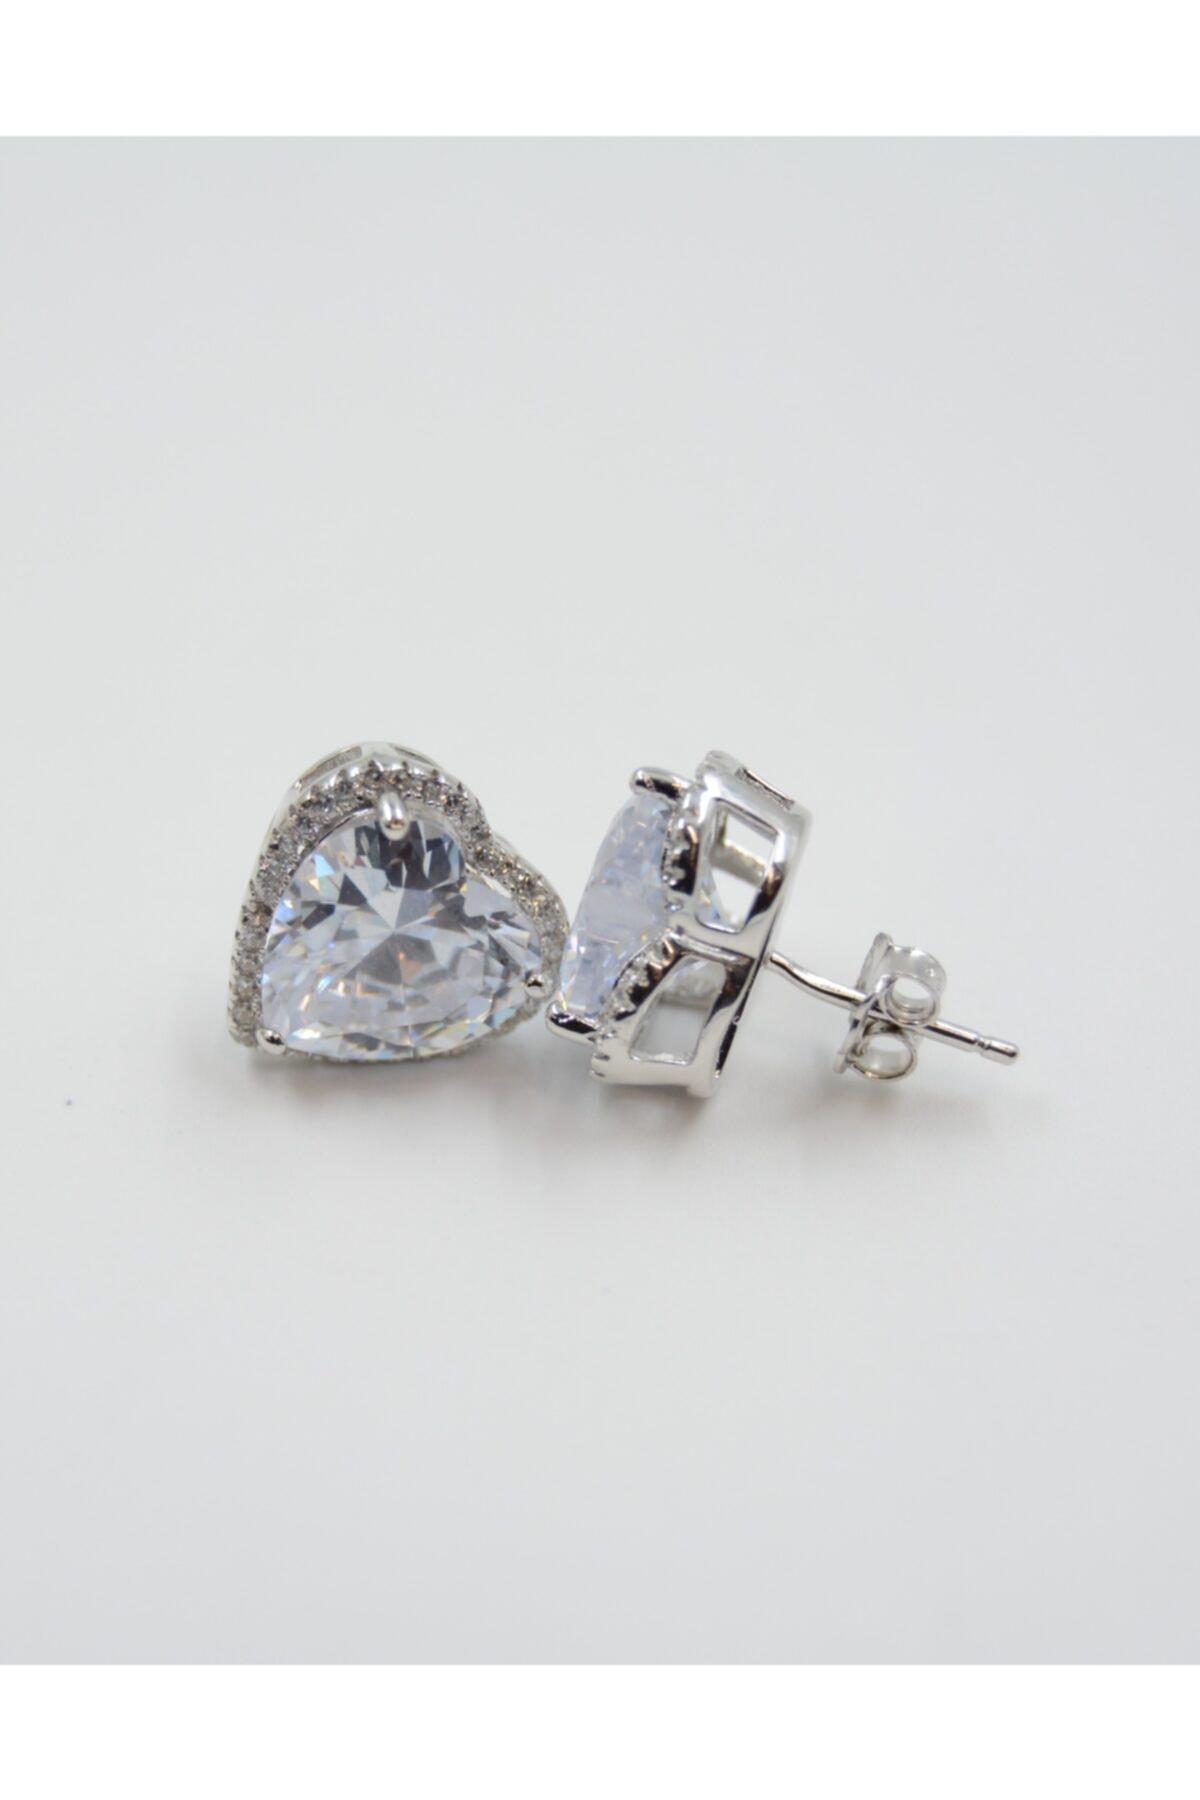 Swaroski Kalp Desenli Beyaz Zirkon Taşlı 925 Ayar Gümüş Kadın Küpe 2